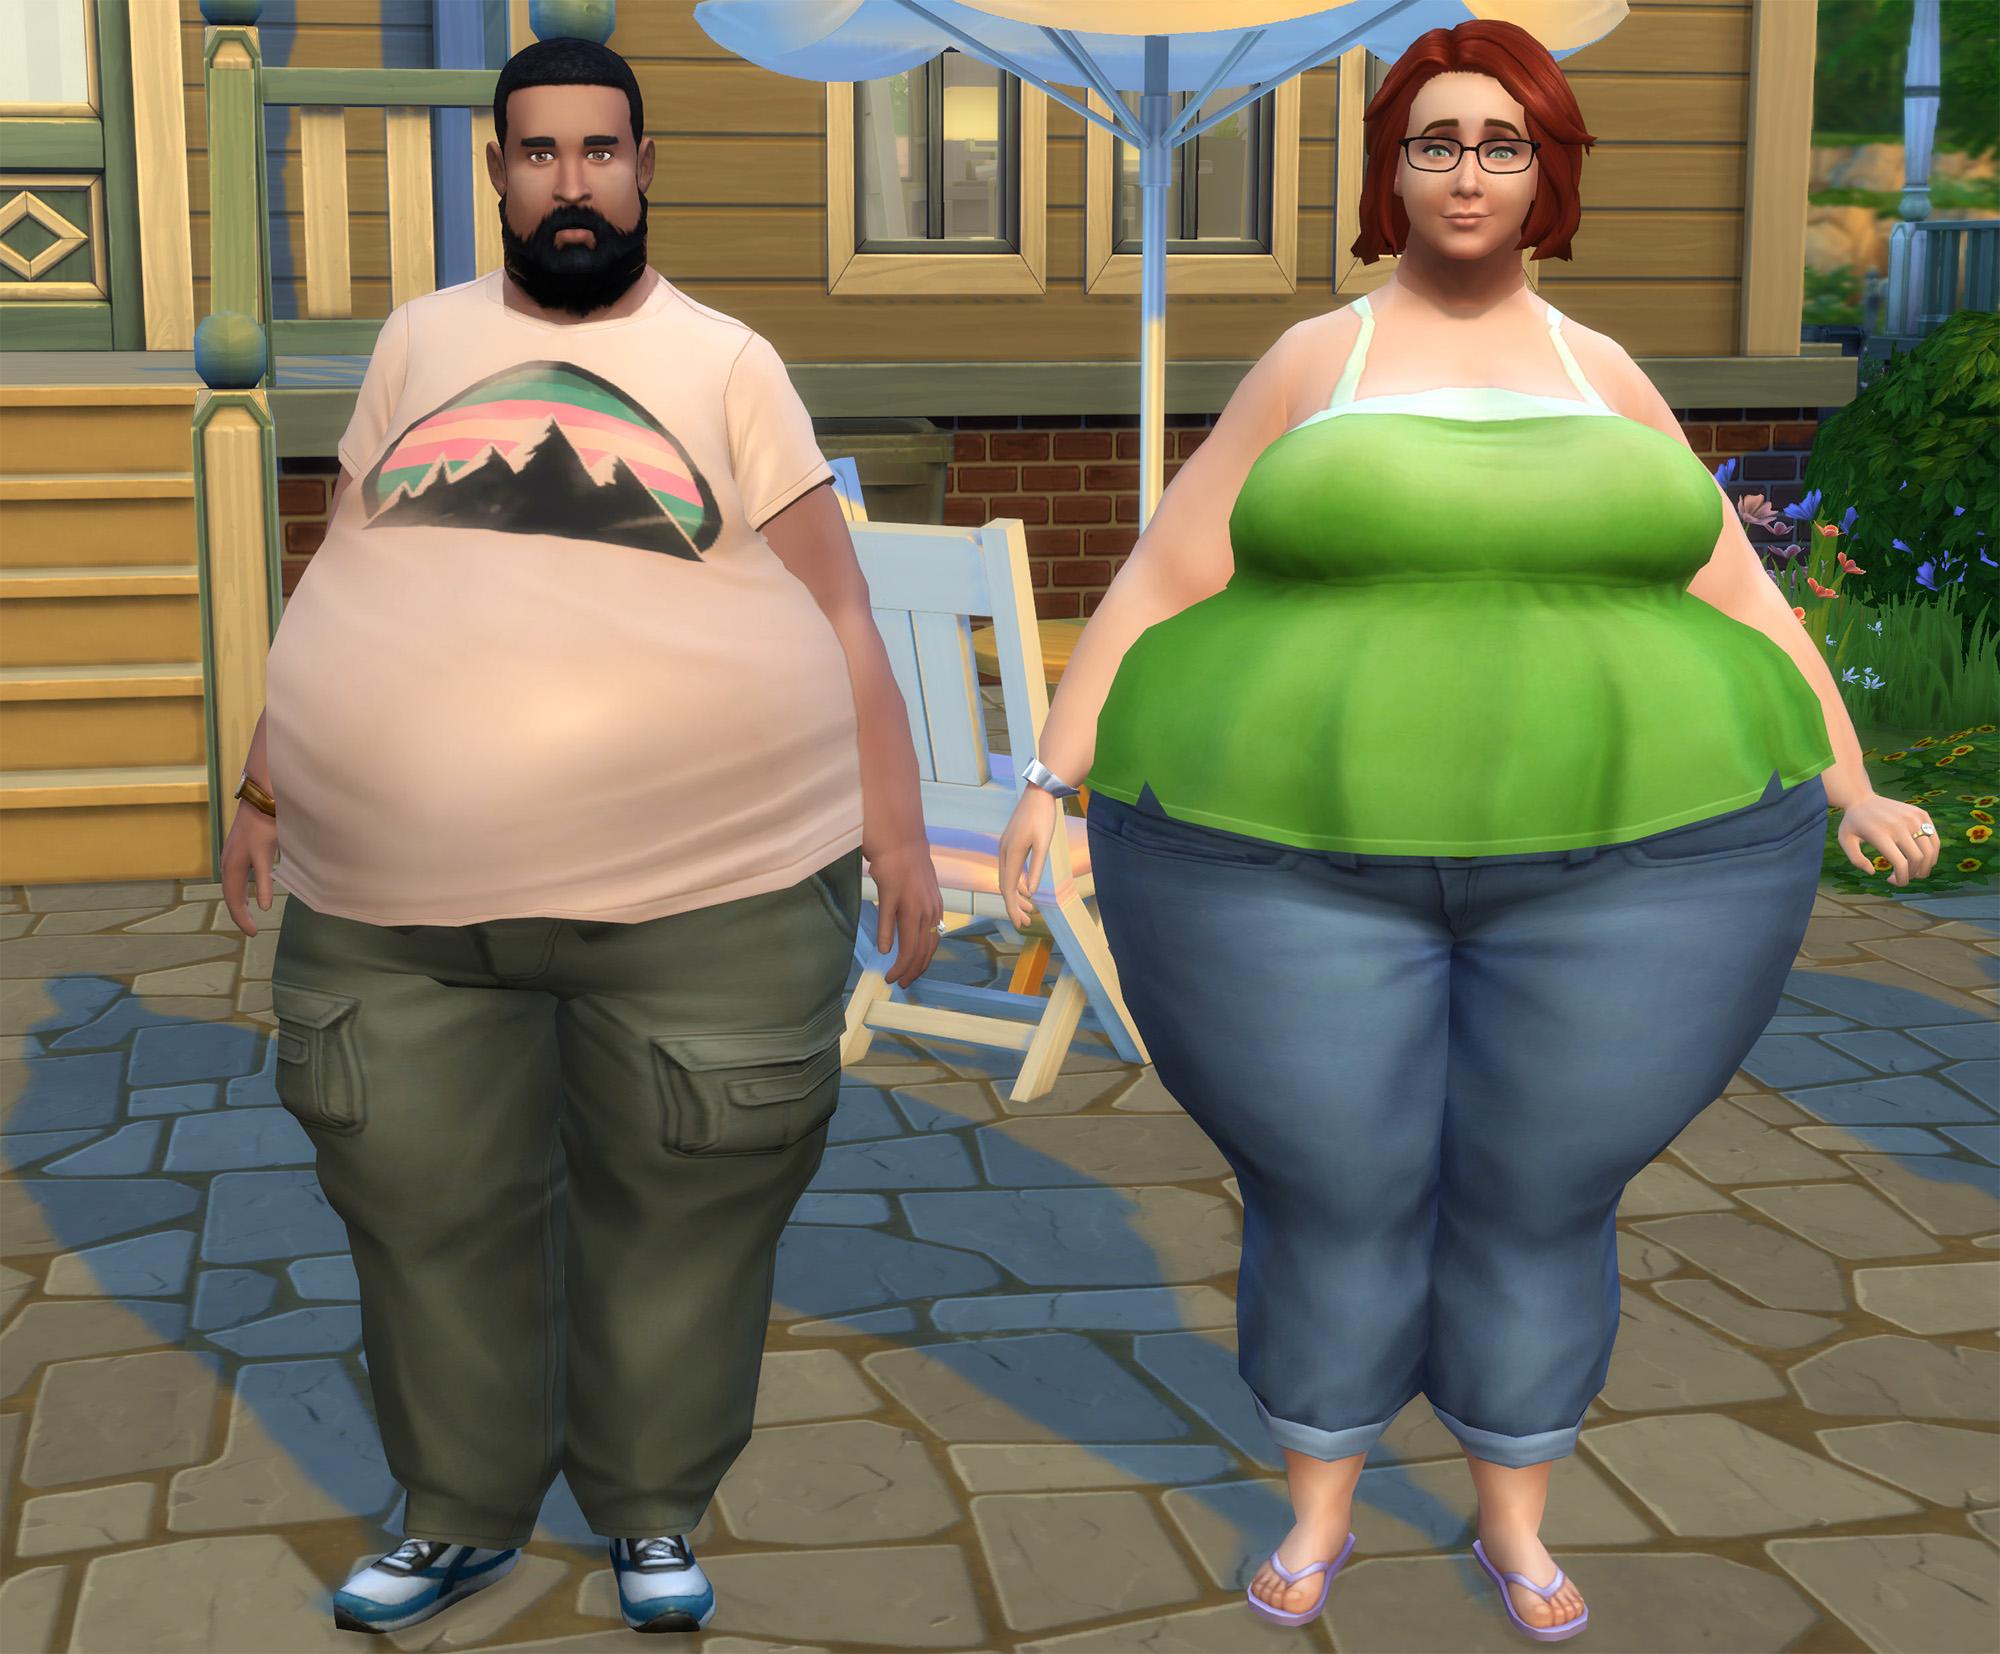 Pierderea în greutate în sims 4; Viață confortabilă